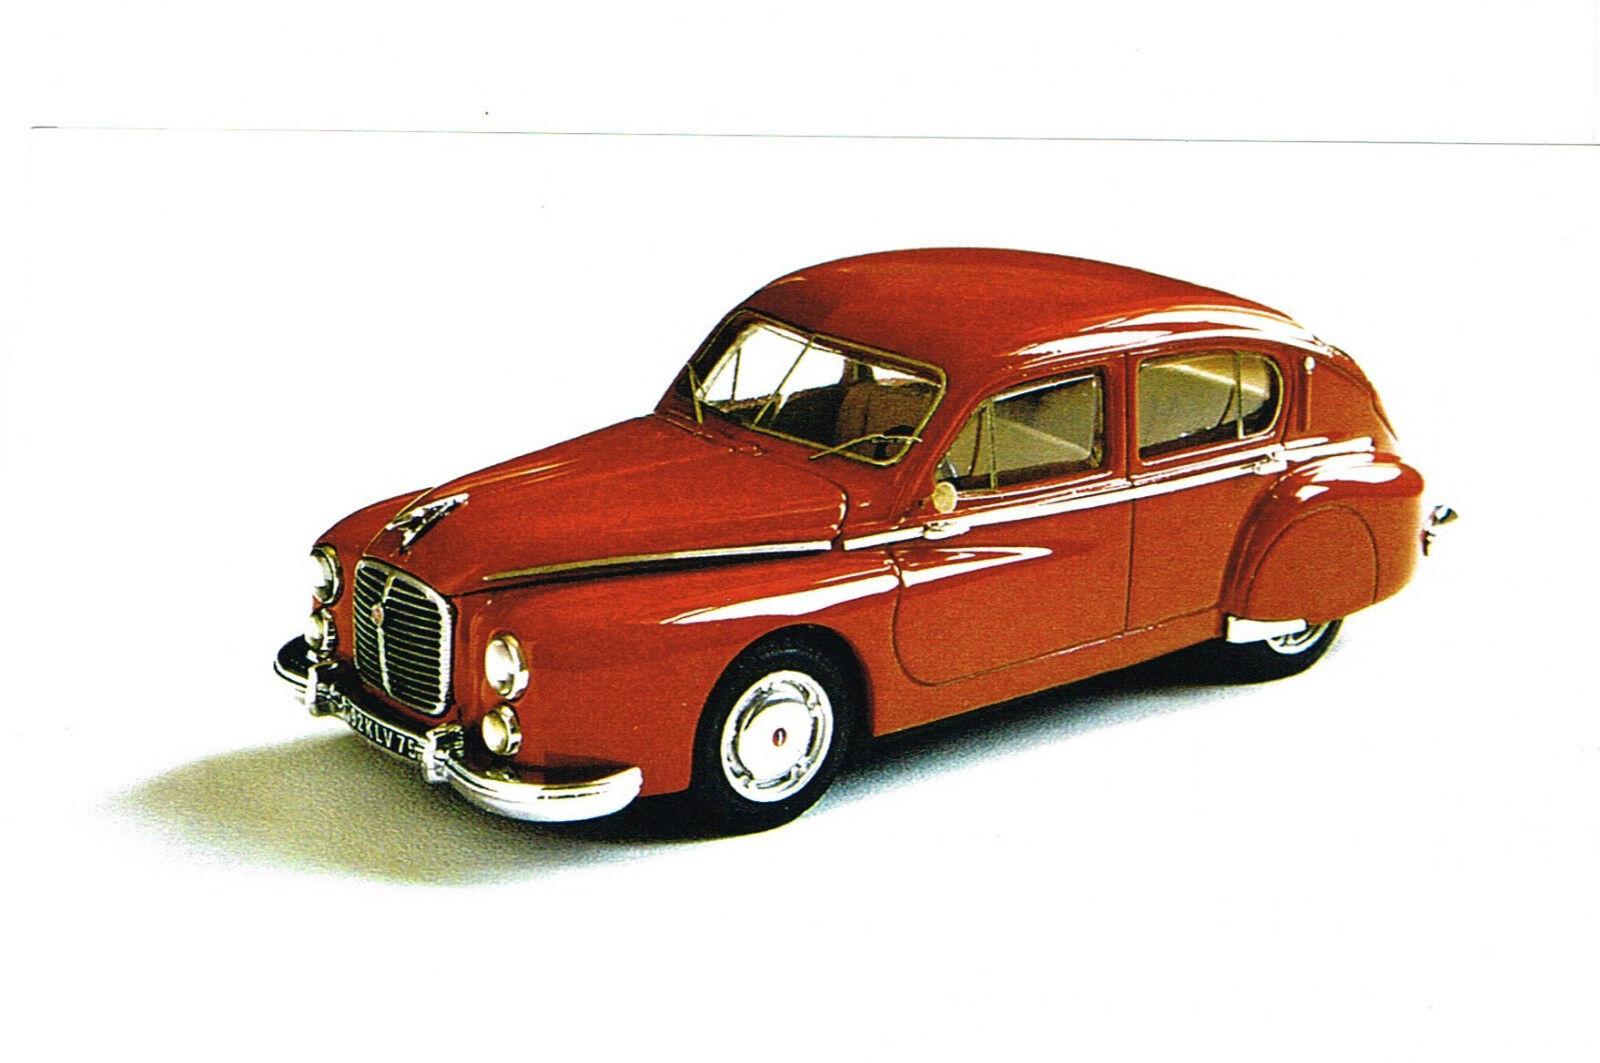 Kit pour miniature auto CCC   Hotchkiss Grégoire berline 1952 référence 173